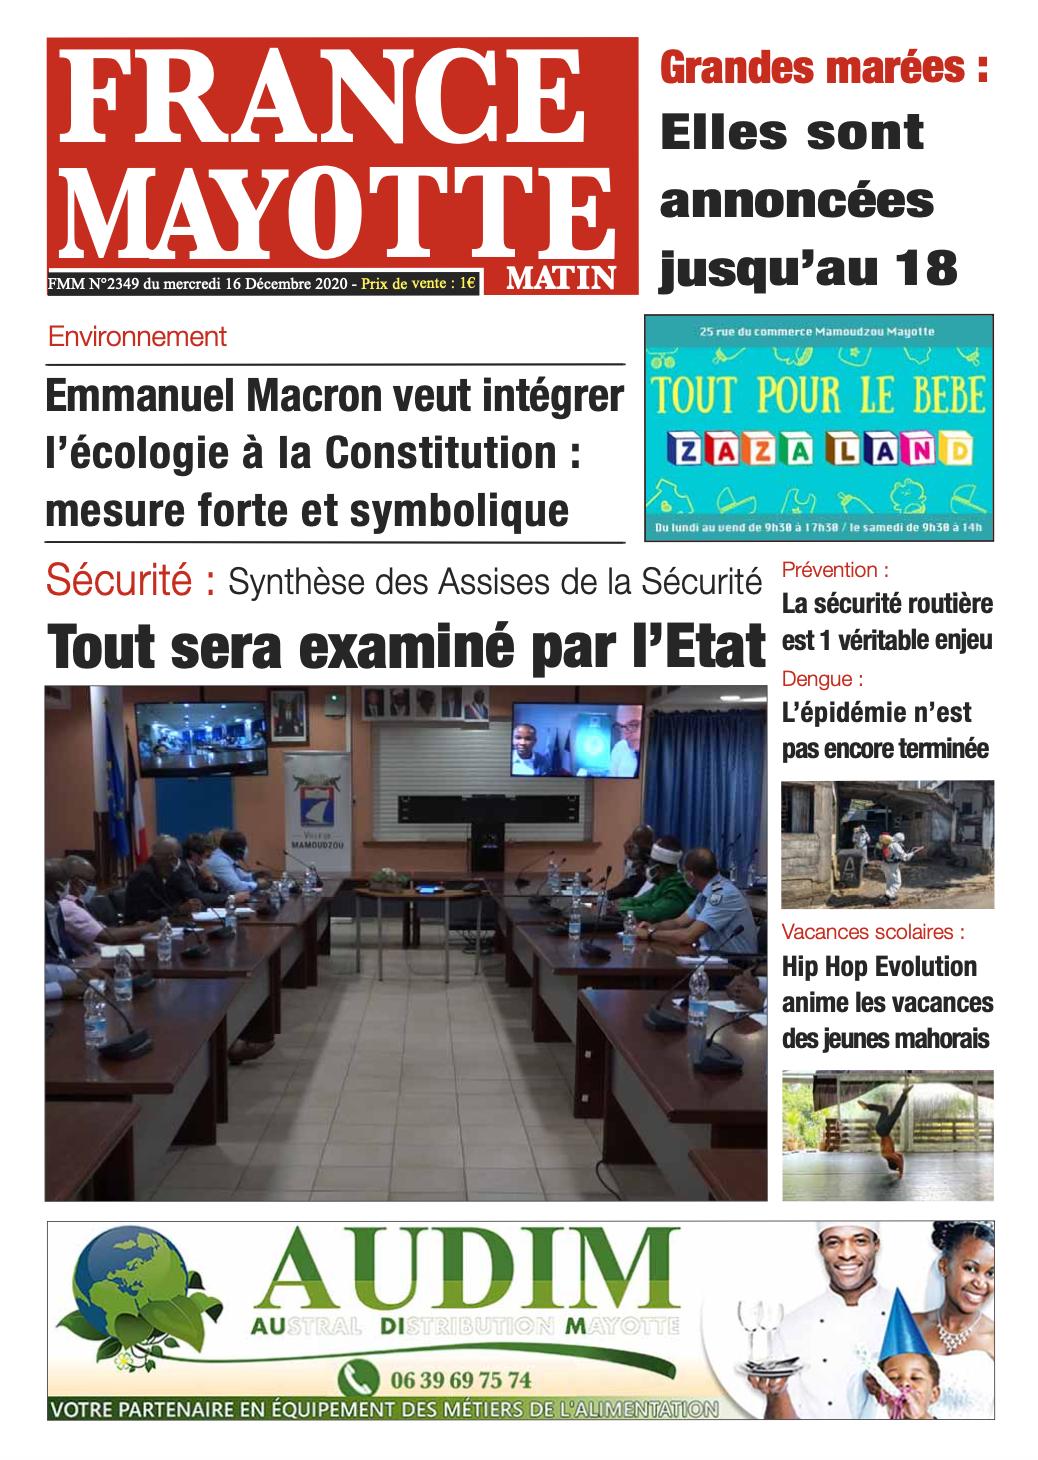 France Mayotte Mercredi 16 décembre 2020